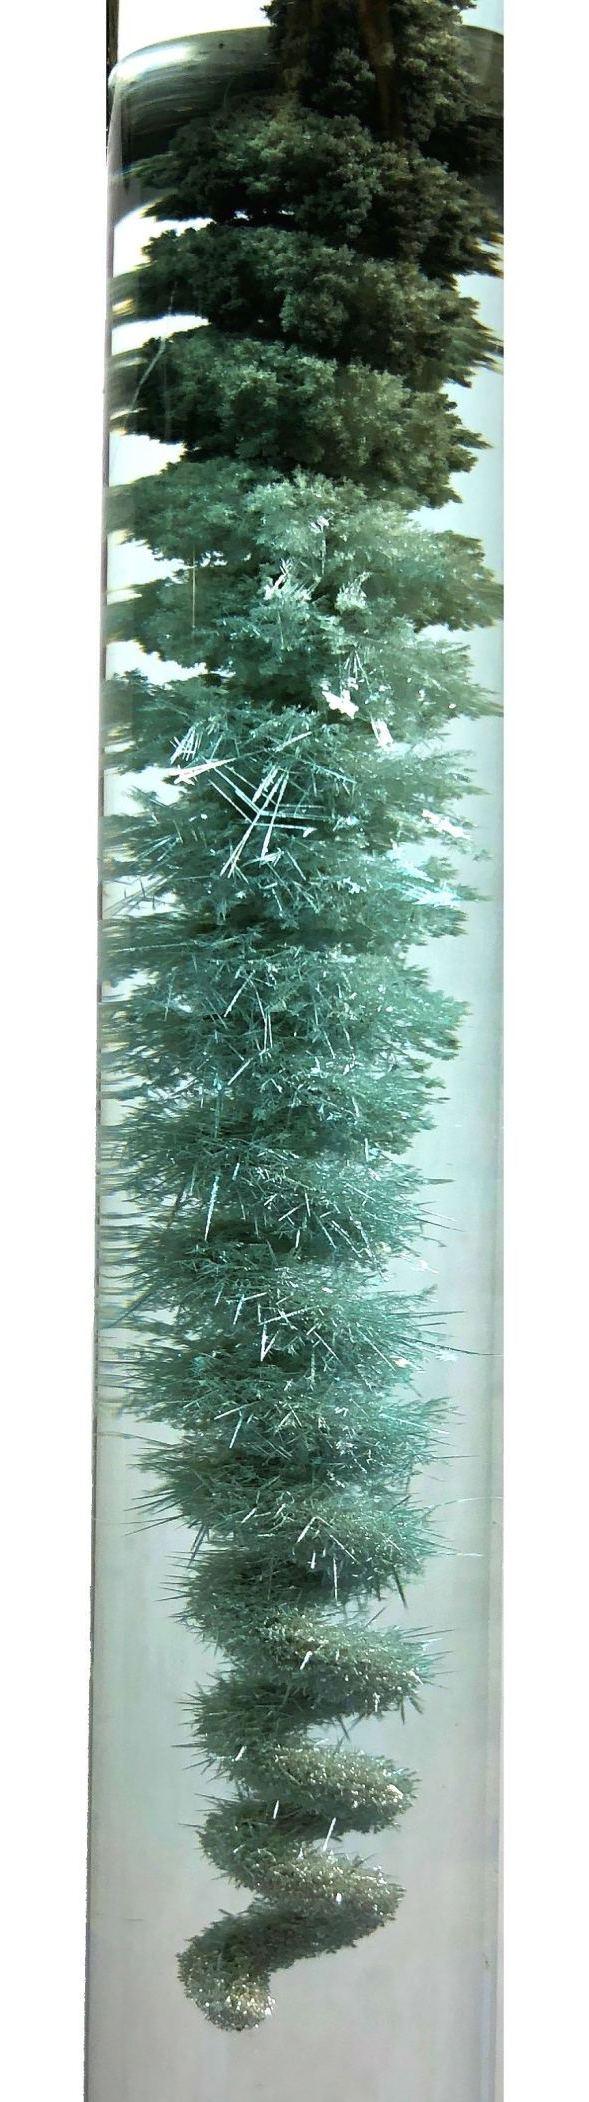 Серебряное дерево. Silver tree